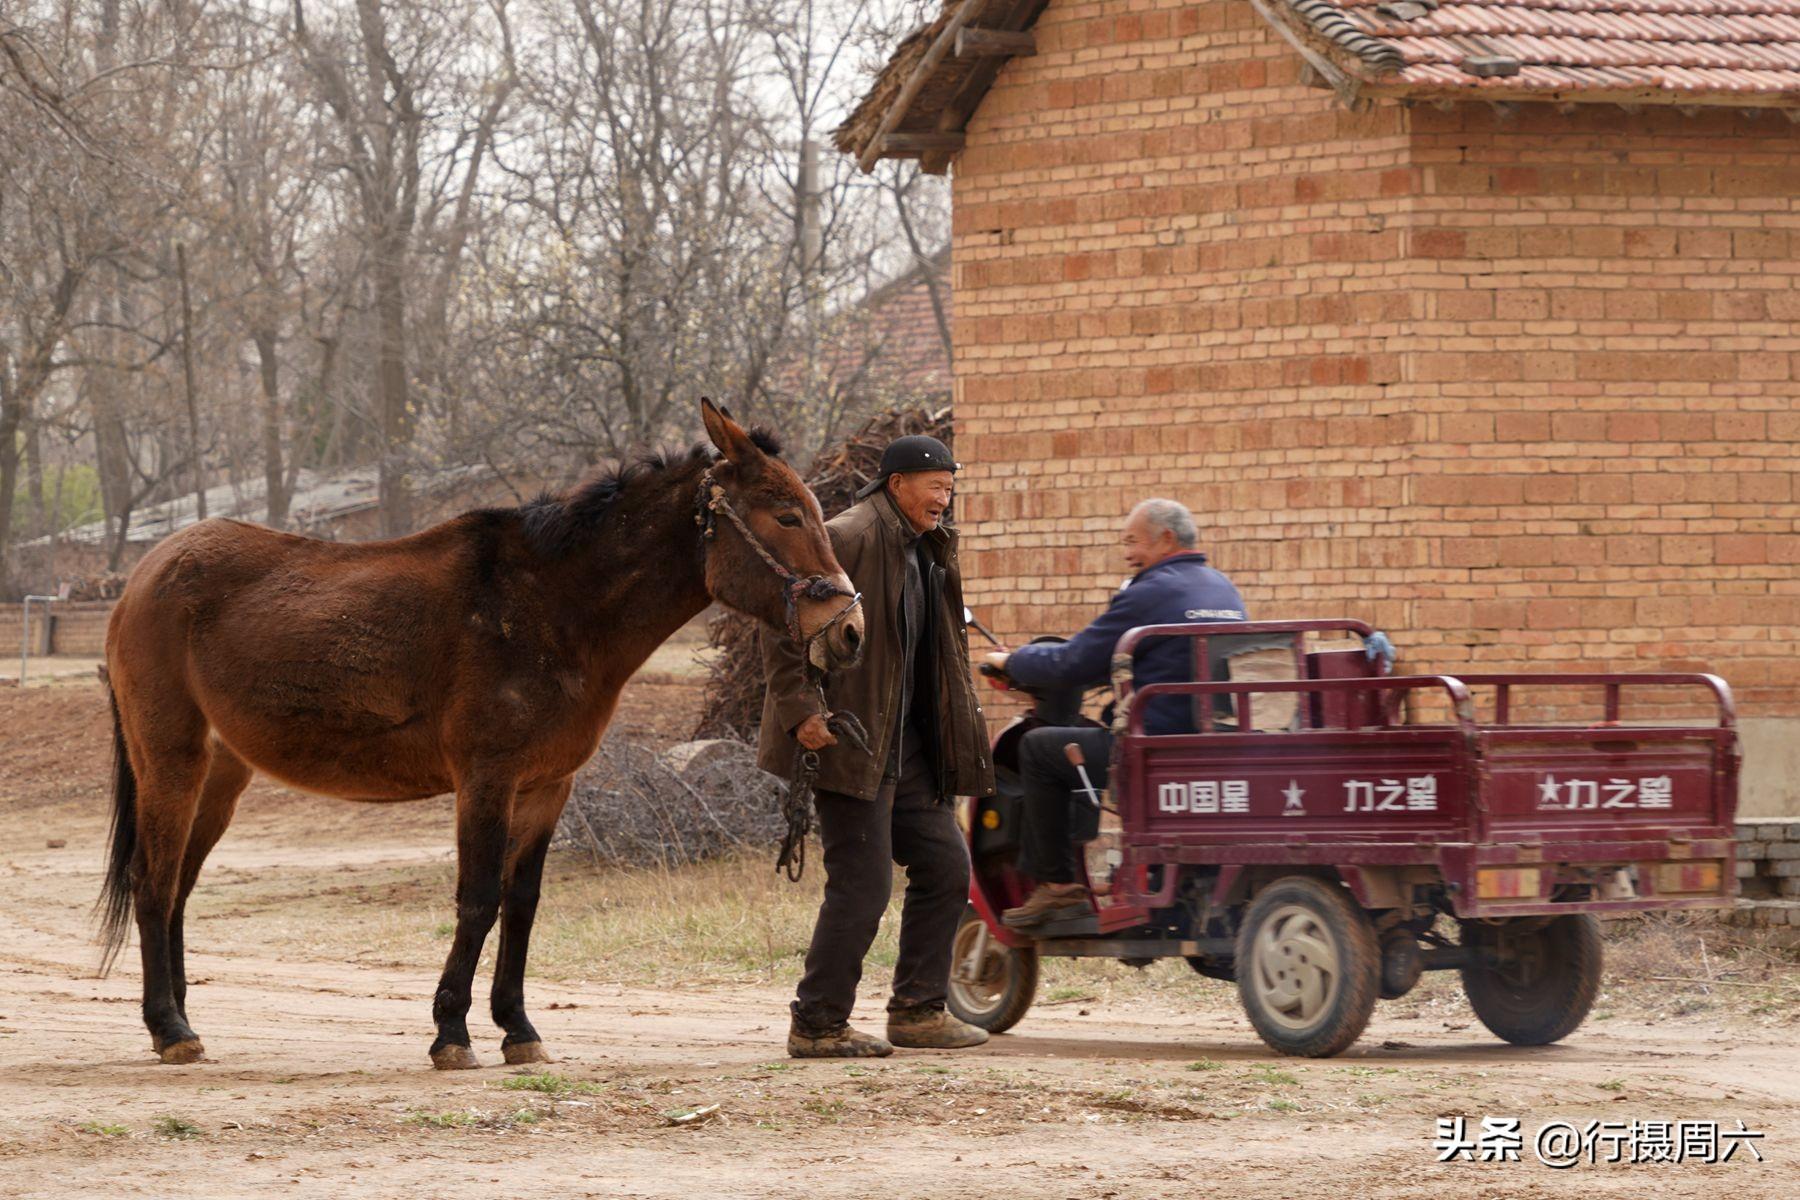 農村大爺家養800斤大寵物20年,只吃草能幹活,5萬不賣